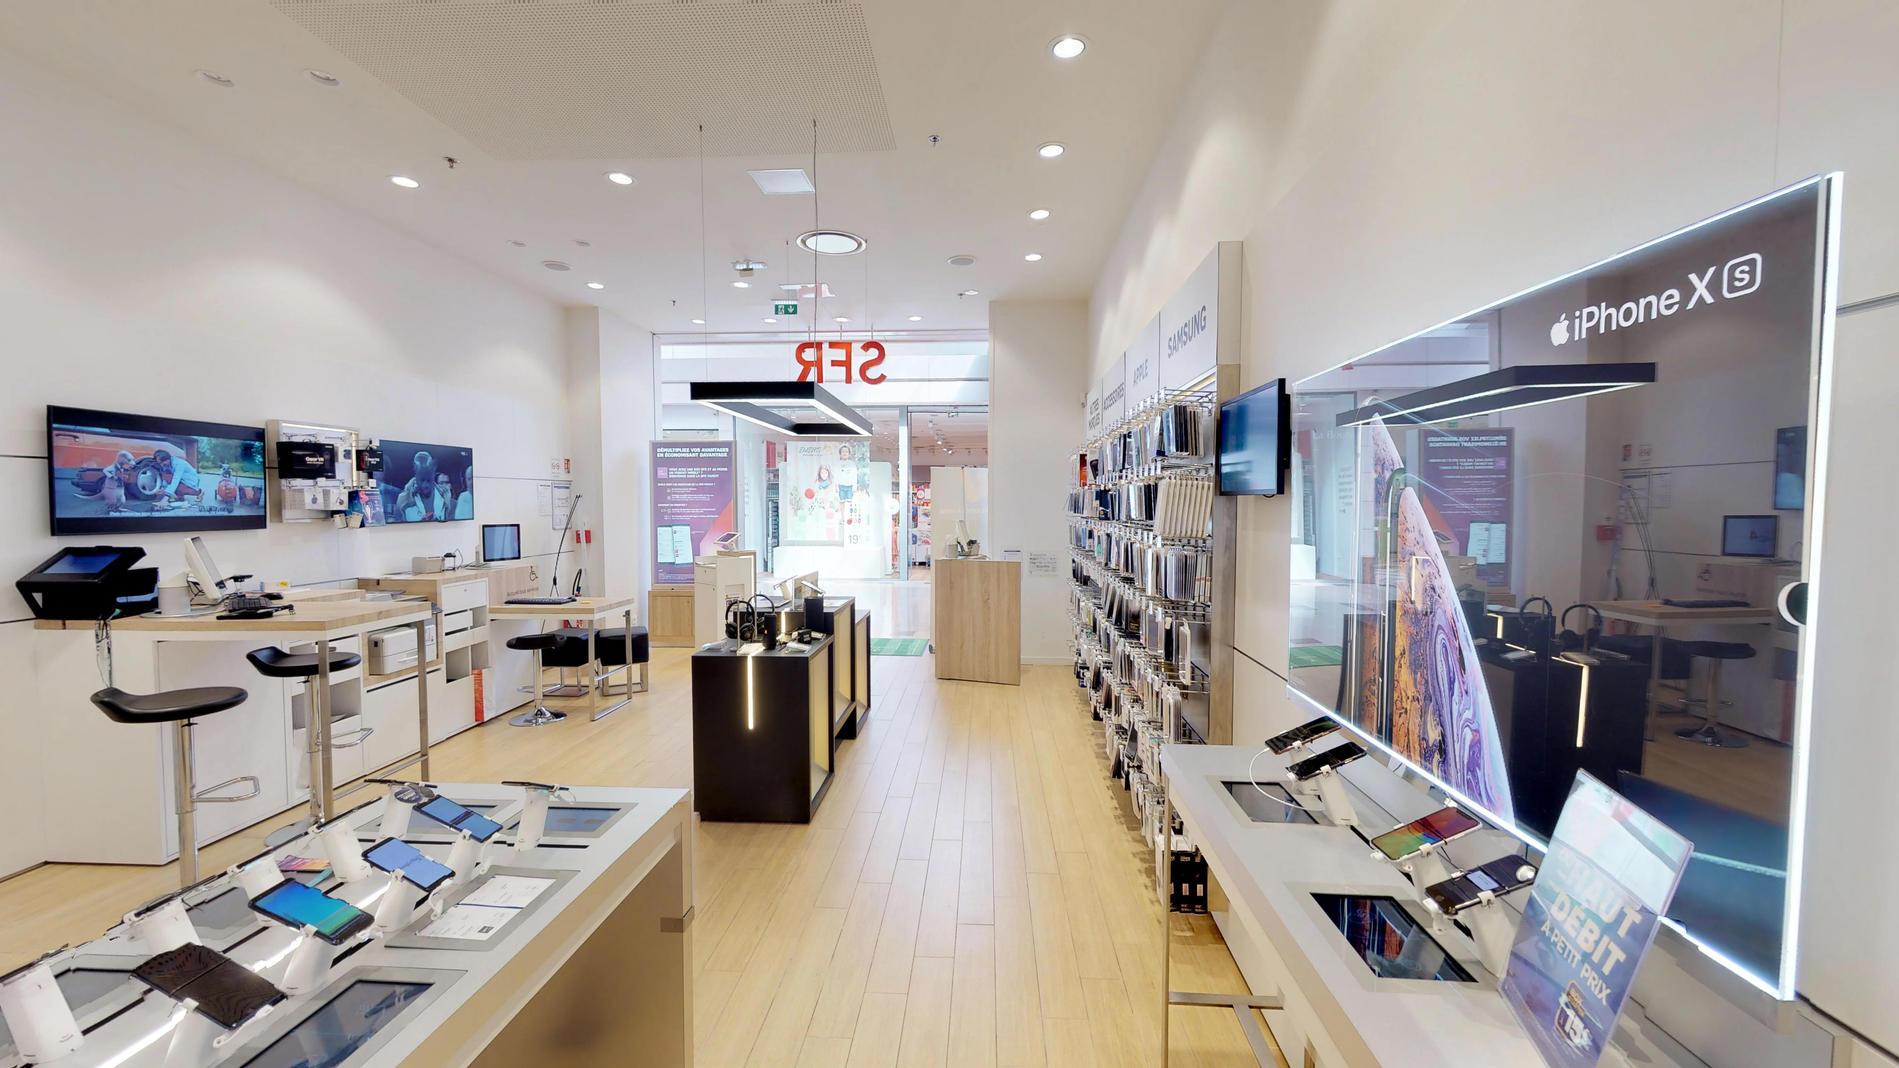 boutique sfr mondeville centre commercial forfaits. Black Bedroom Furniture Sets. Home Design Ideas